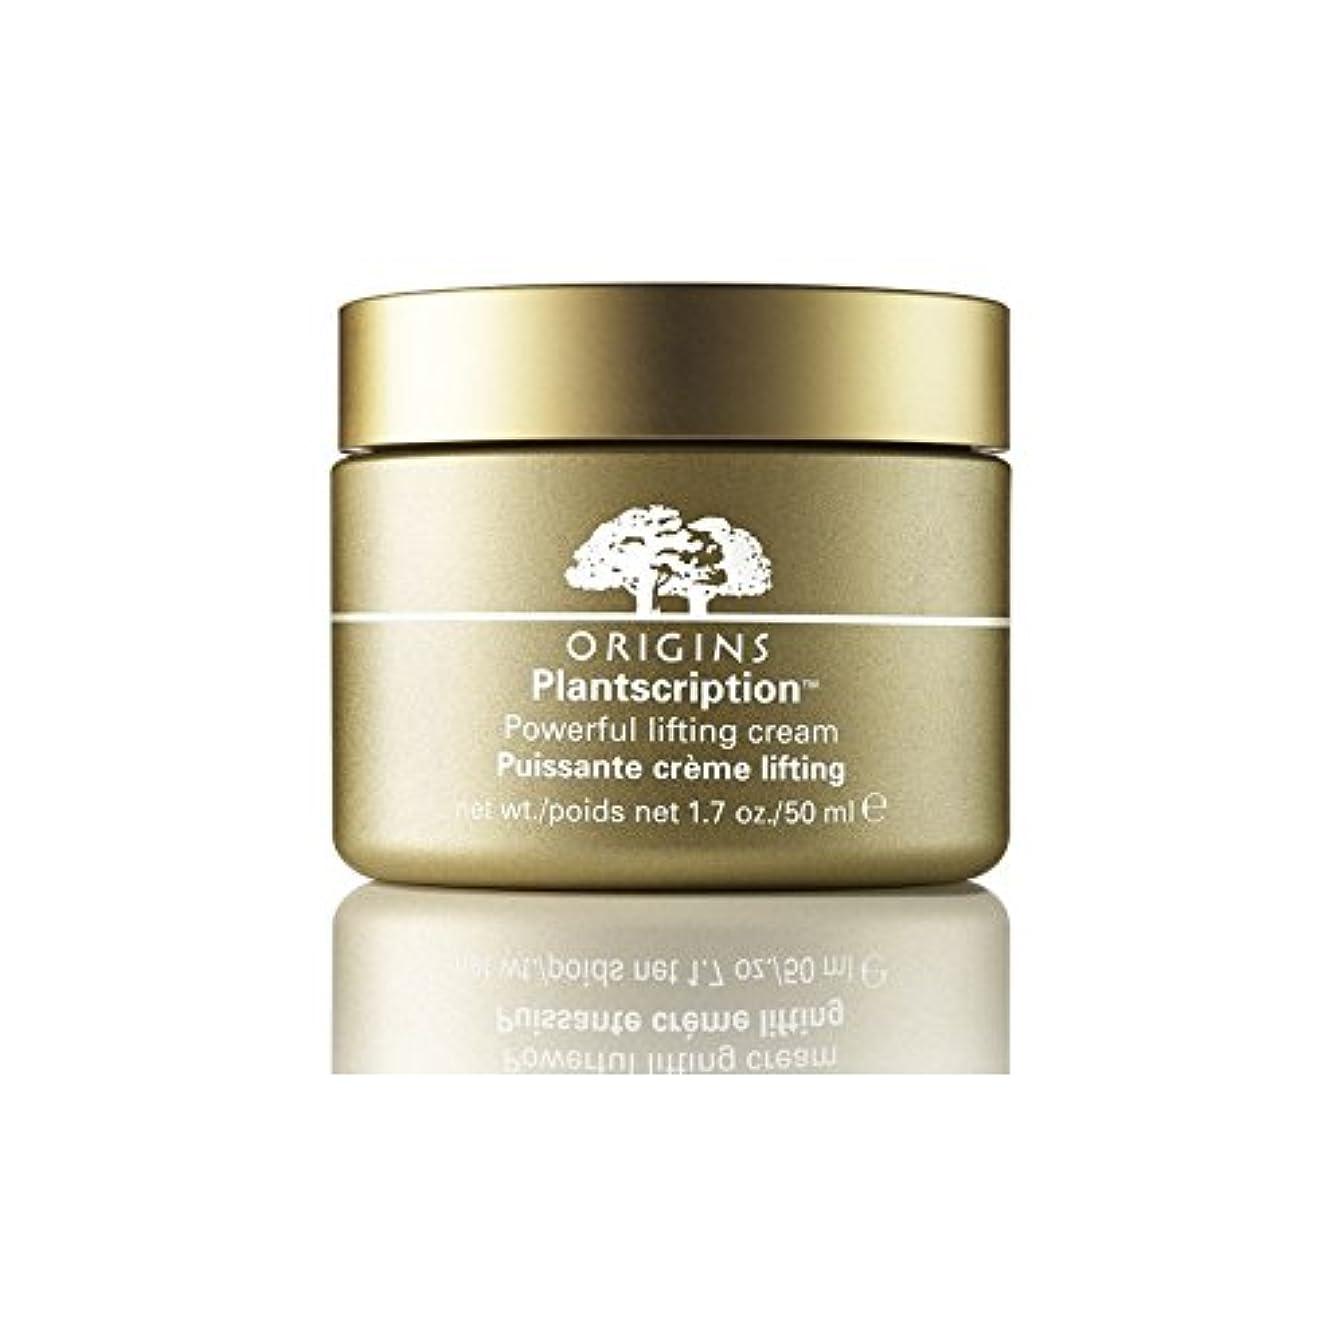 露出度の高いチェスをするアフリカOrigins Plantscription Powerful Lifting Cream 50ml (Pack of 6) - 起源強力なリフティングクリーム50 x6 [並行輸入品]